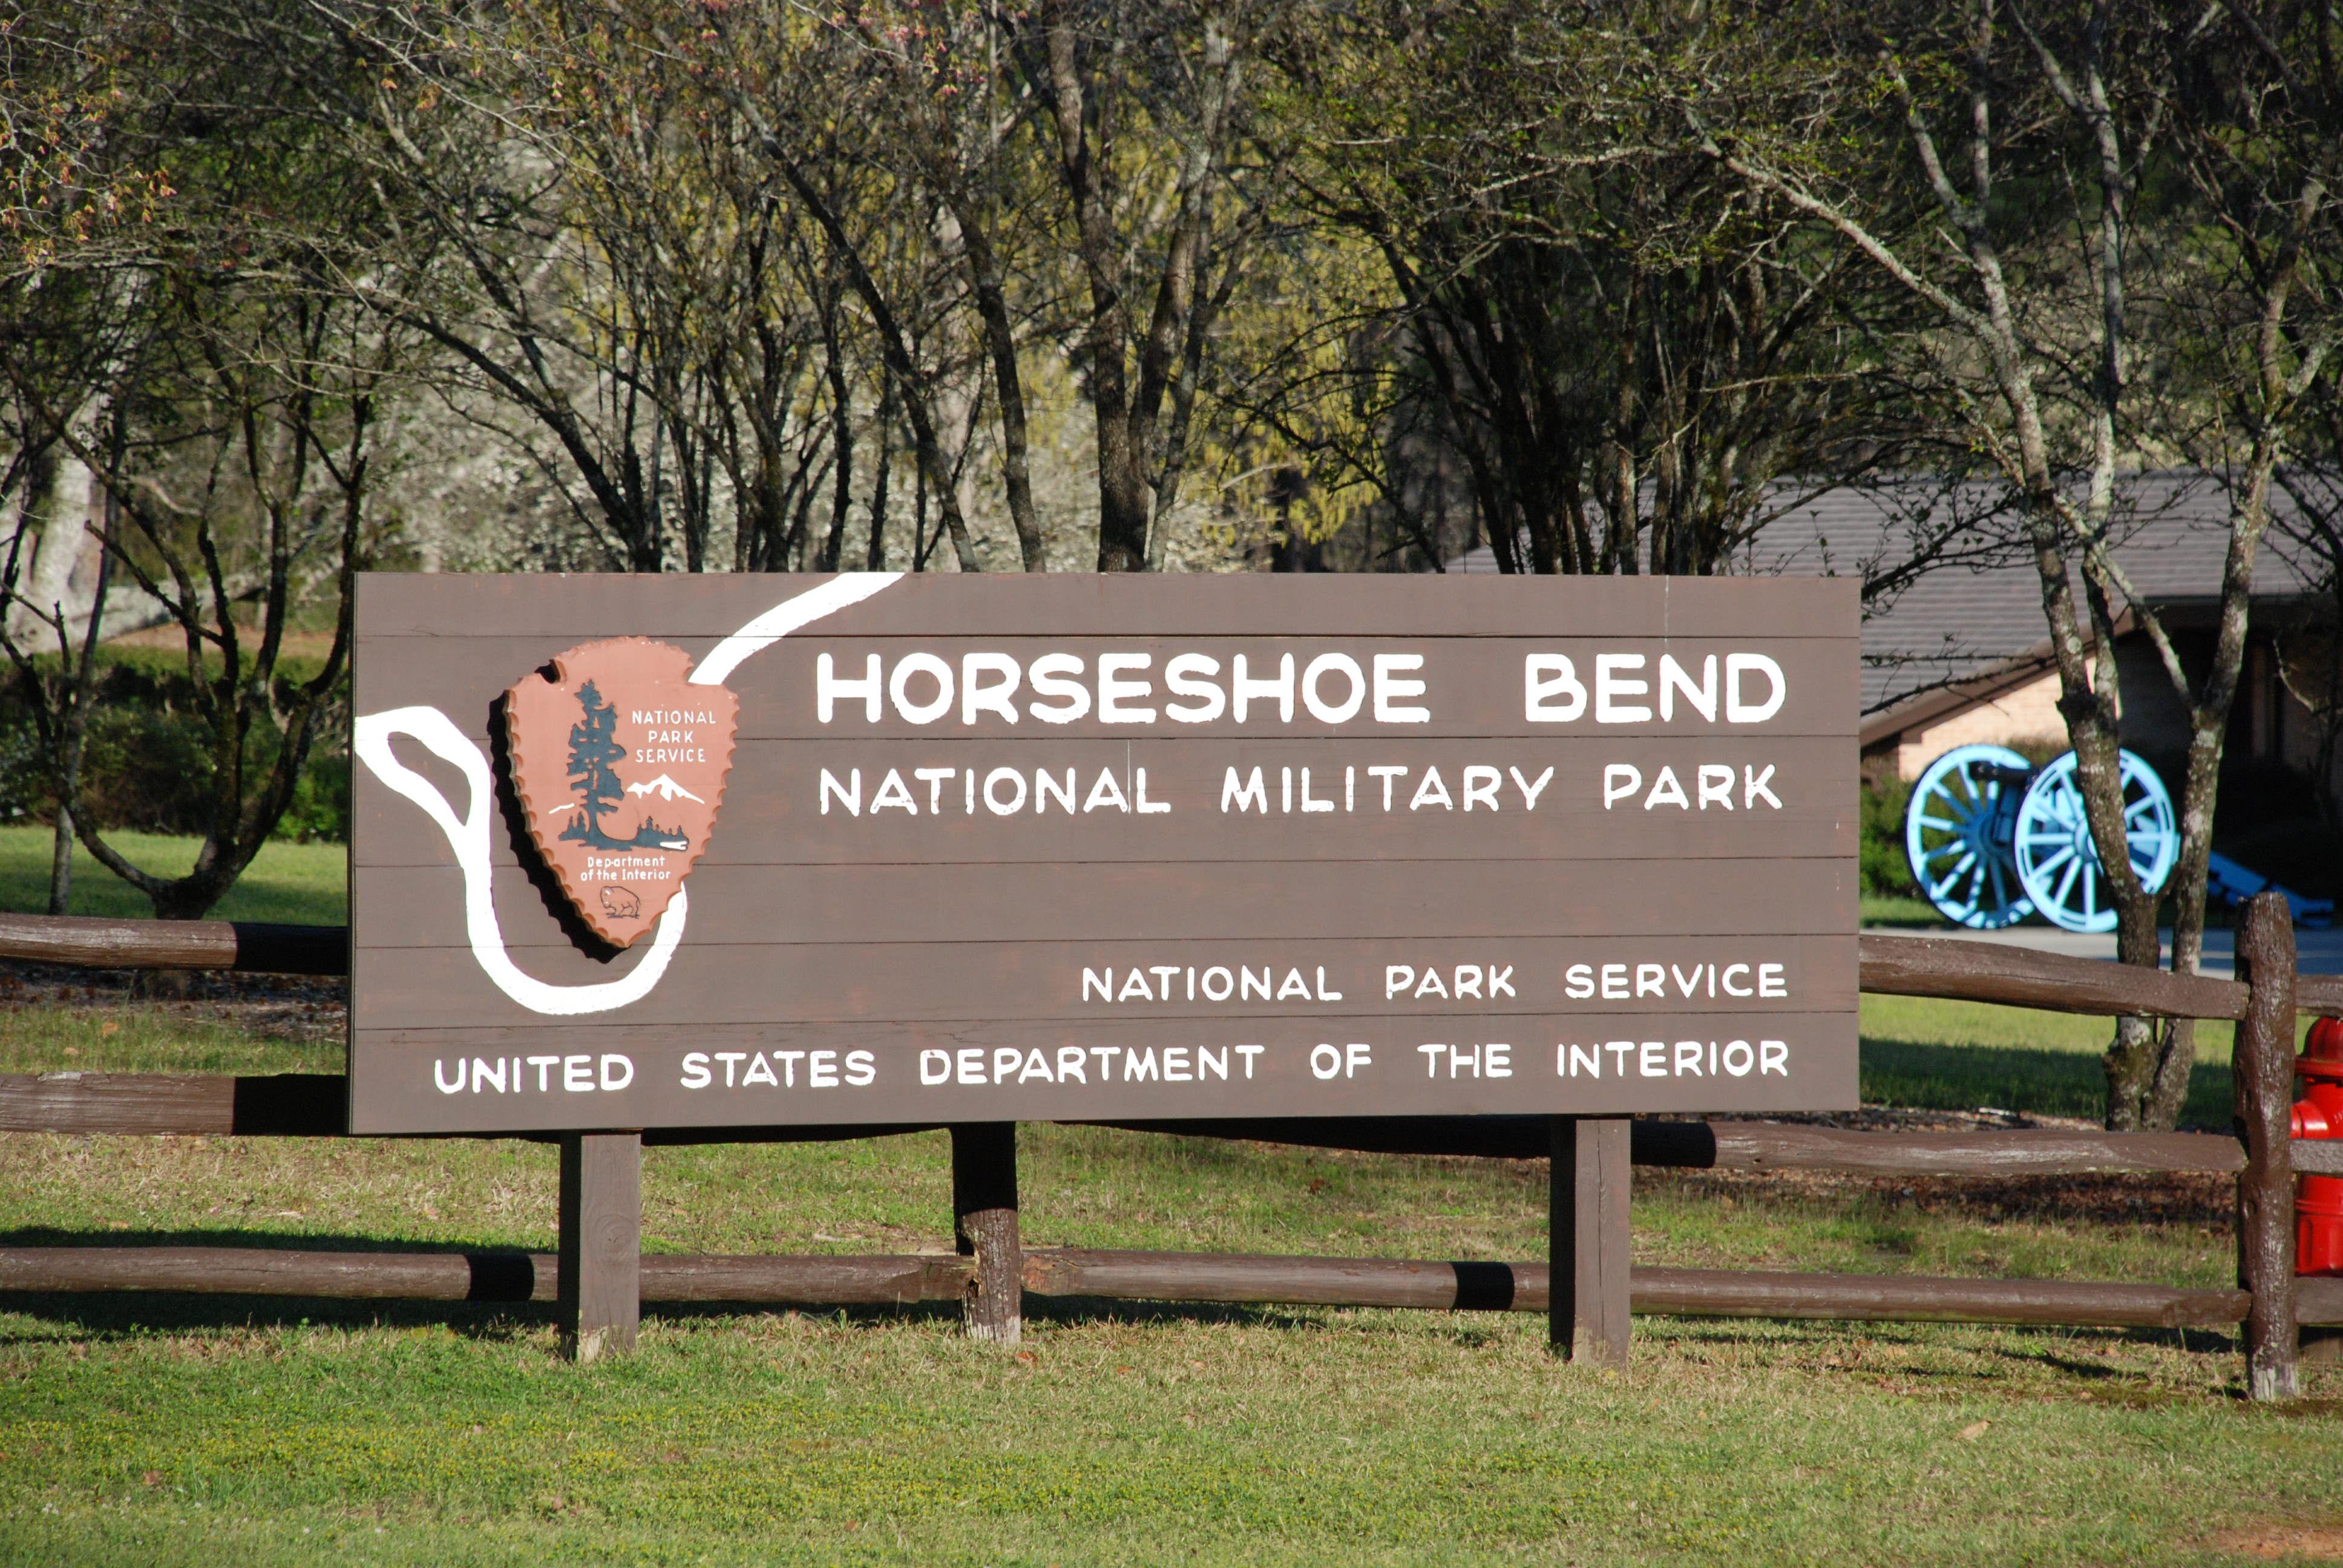 Alabama tallapoosa county - File Horseshoe Bend National Military Park Tallapoosa County Alabama Jpg